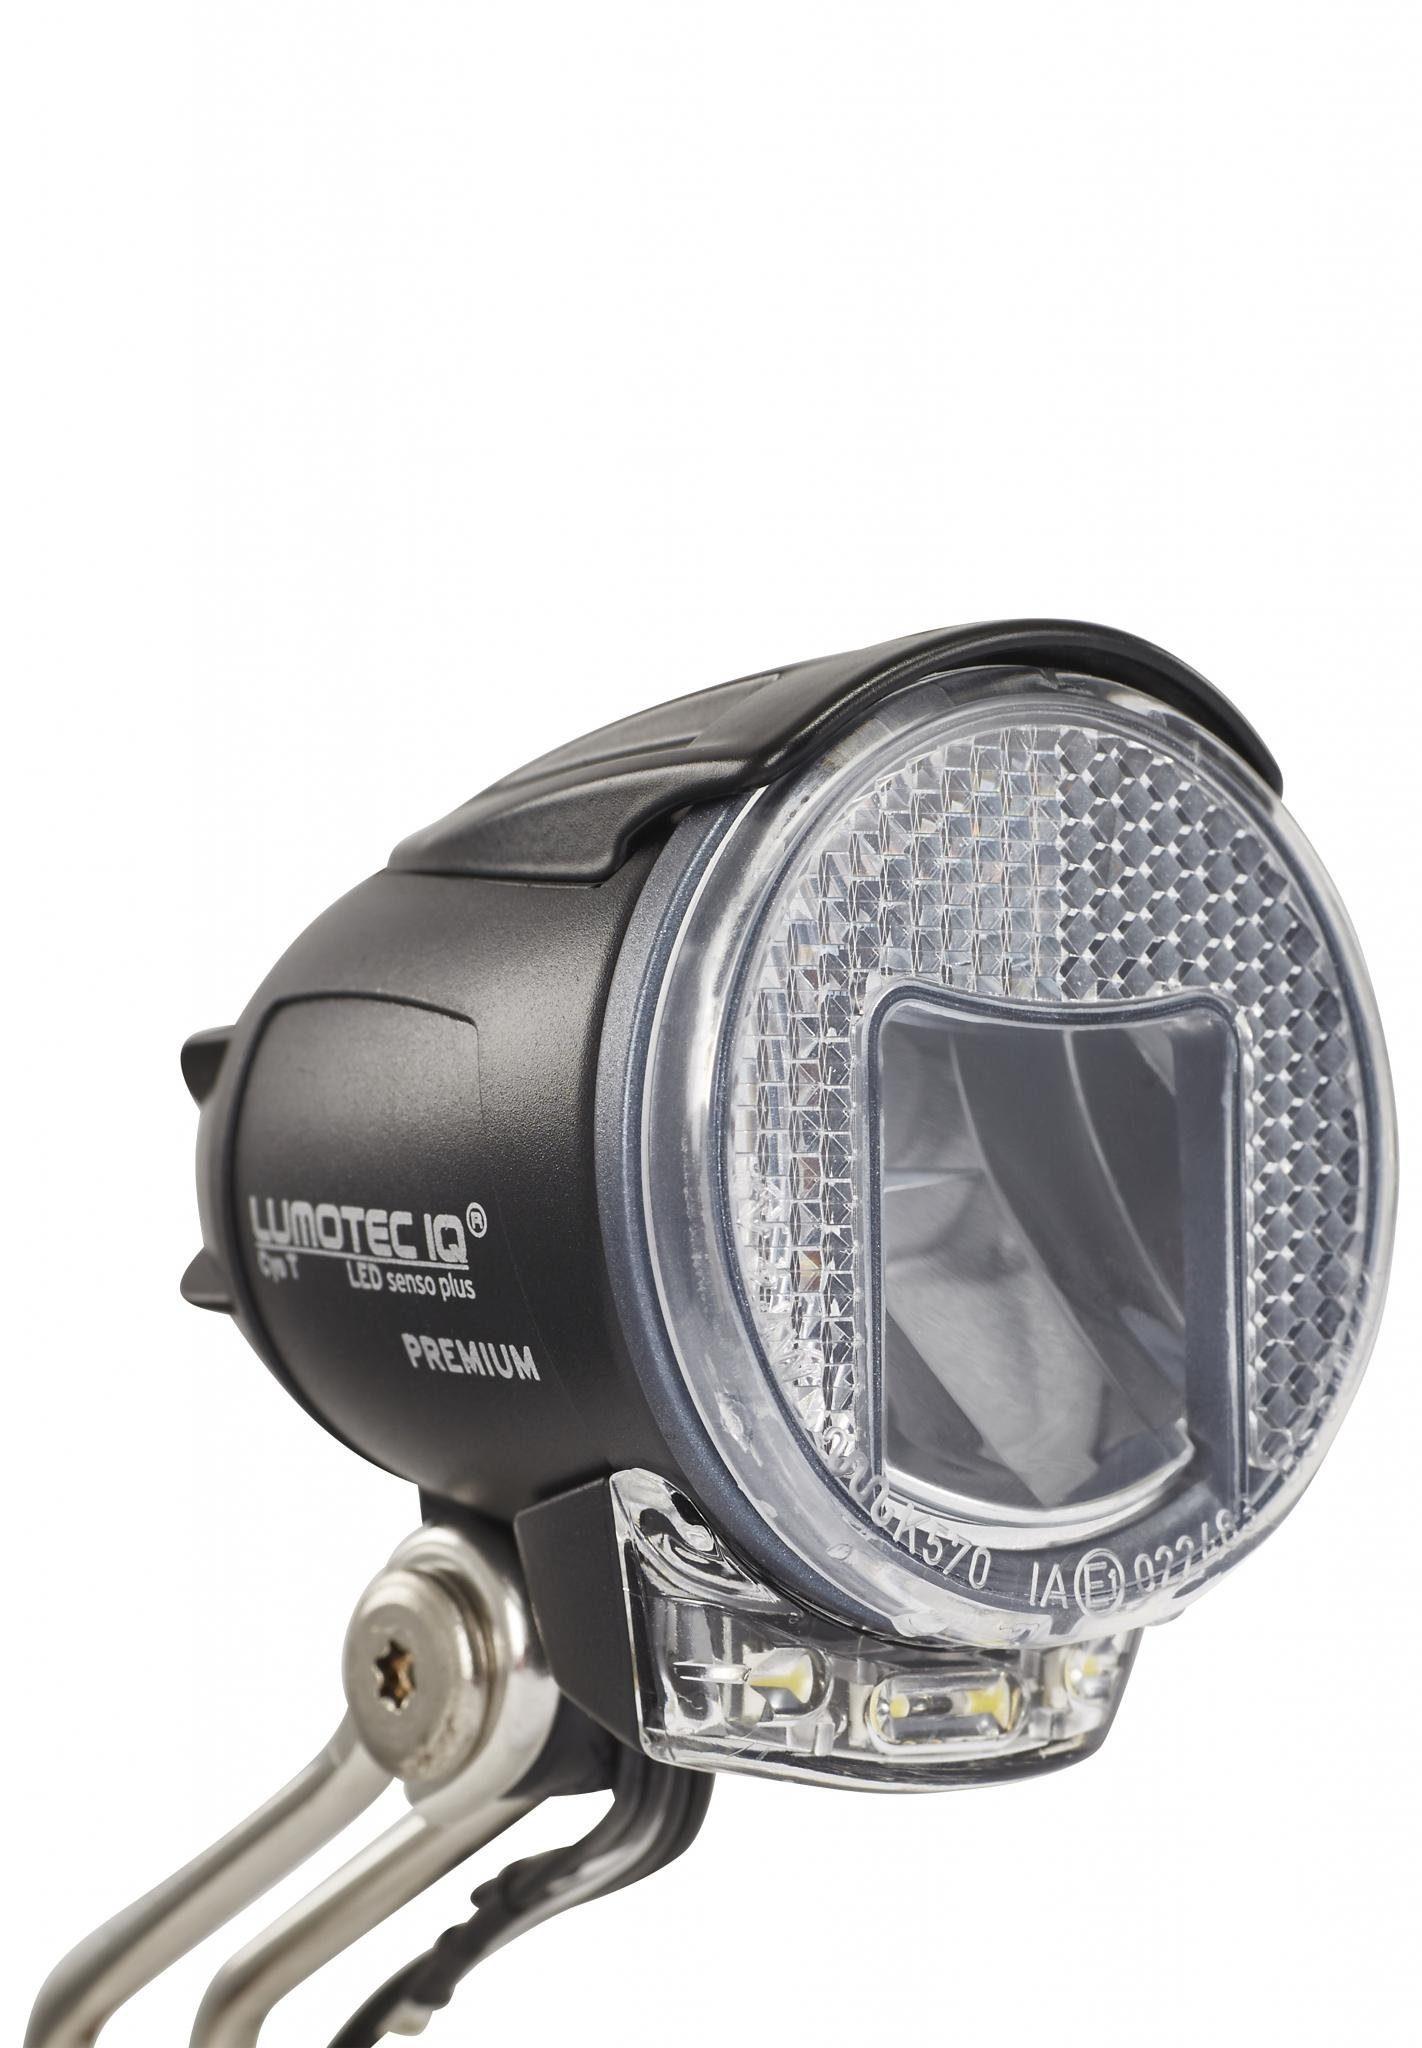 Busch + Müller Fahrradbeleuchtung »Lumotec IQ Cyo R Premium T senso plus«